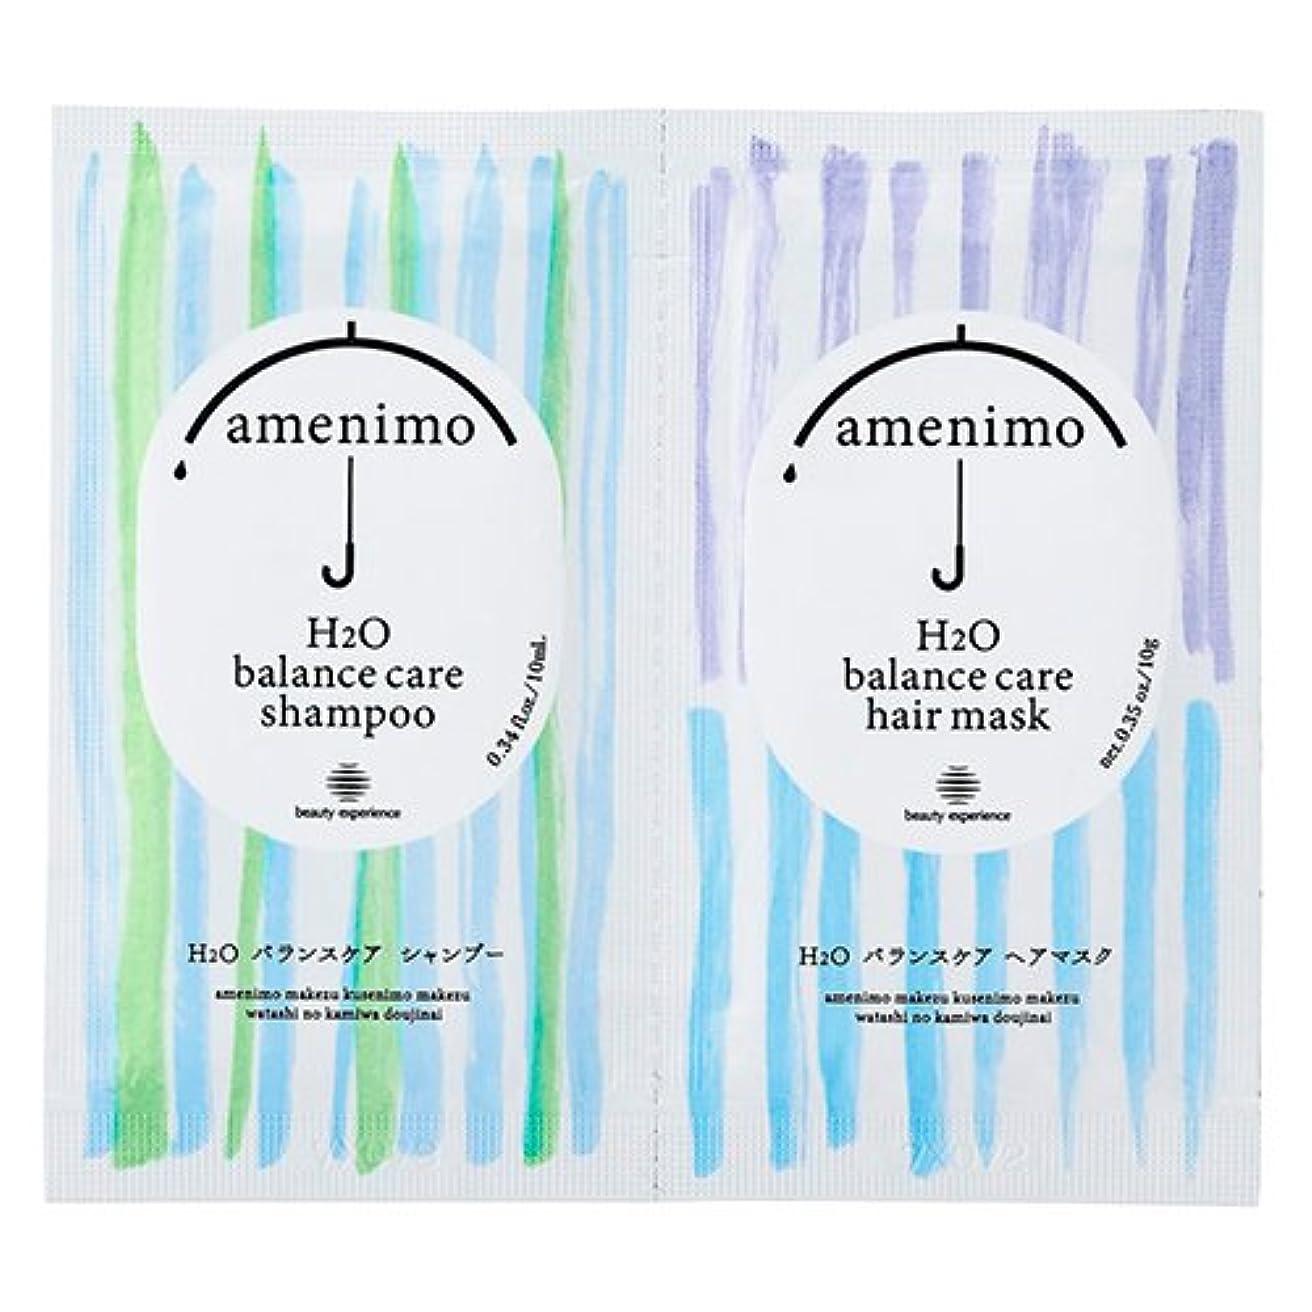 に付けるロッド領収書amenimo(アメニモ) H2O バランスケア シャンプー&ヘアマスク 1dayお試し 10mL+10g